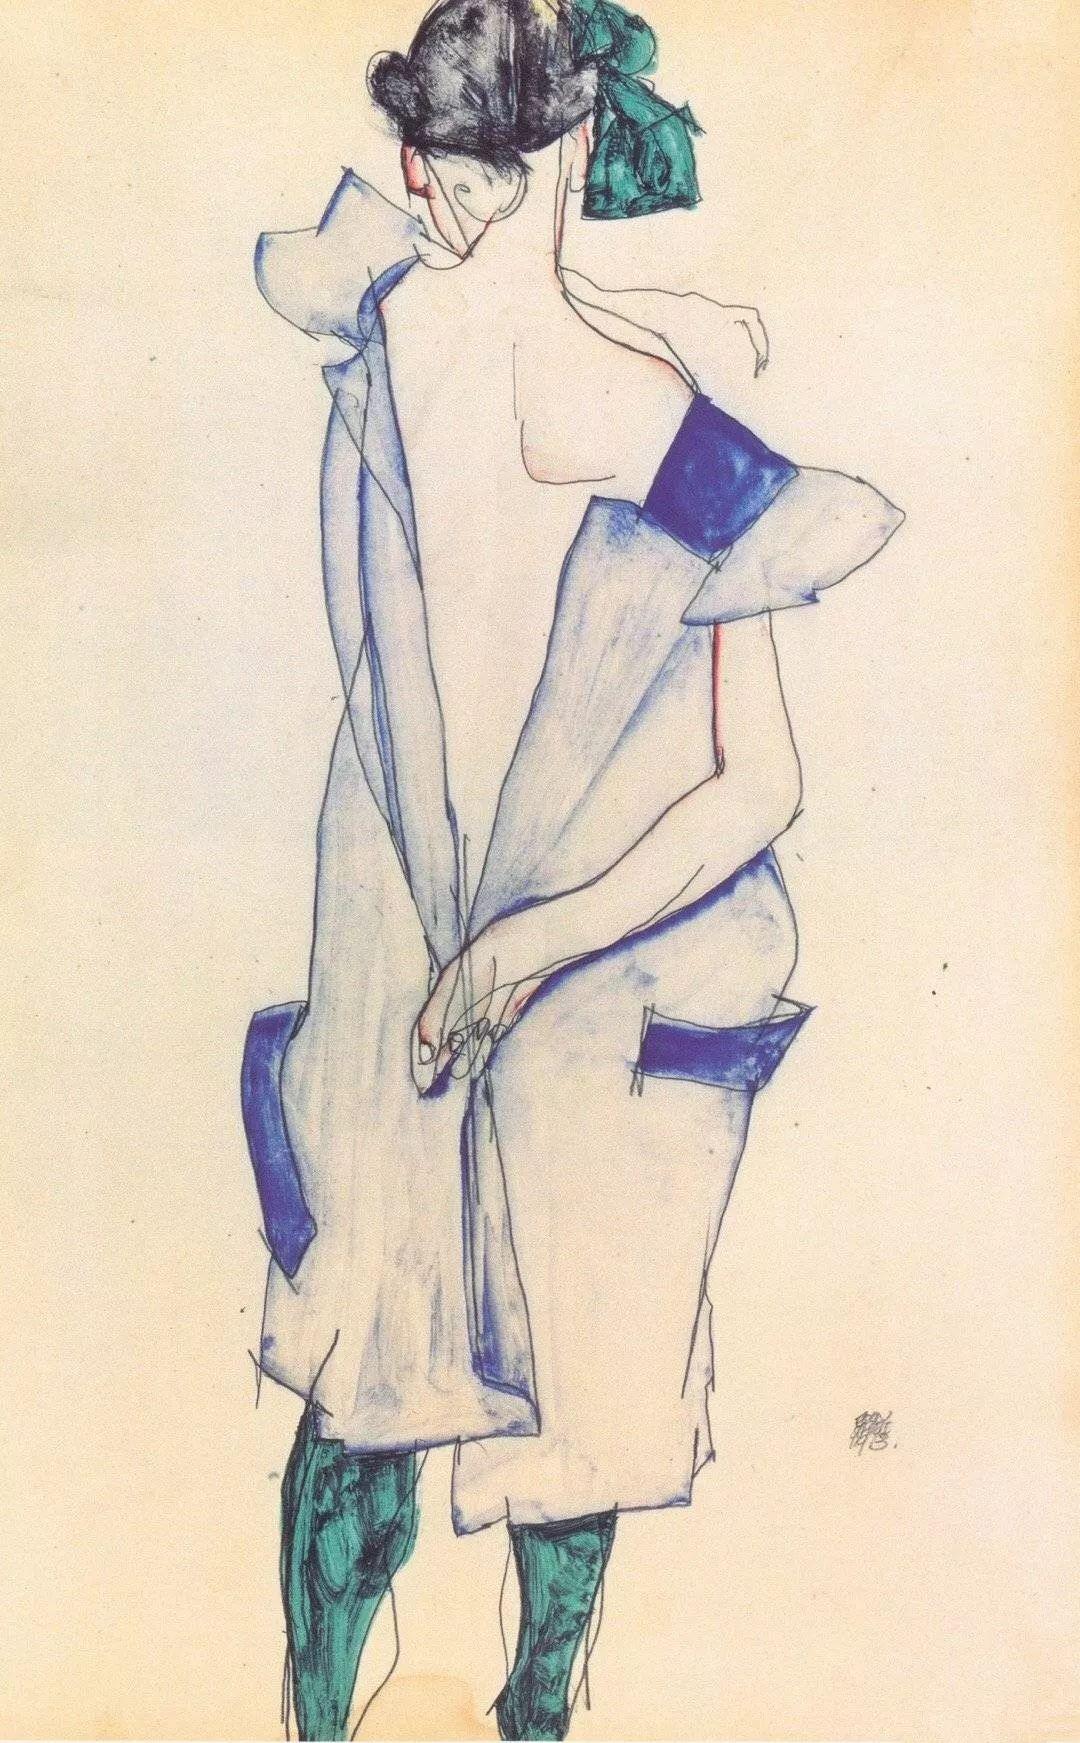 年仅28岁,生前遭受非议,死后却被捧为直逼心灵的艺术家插图147